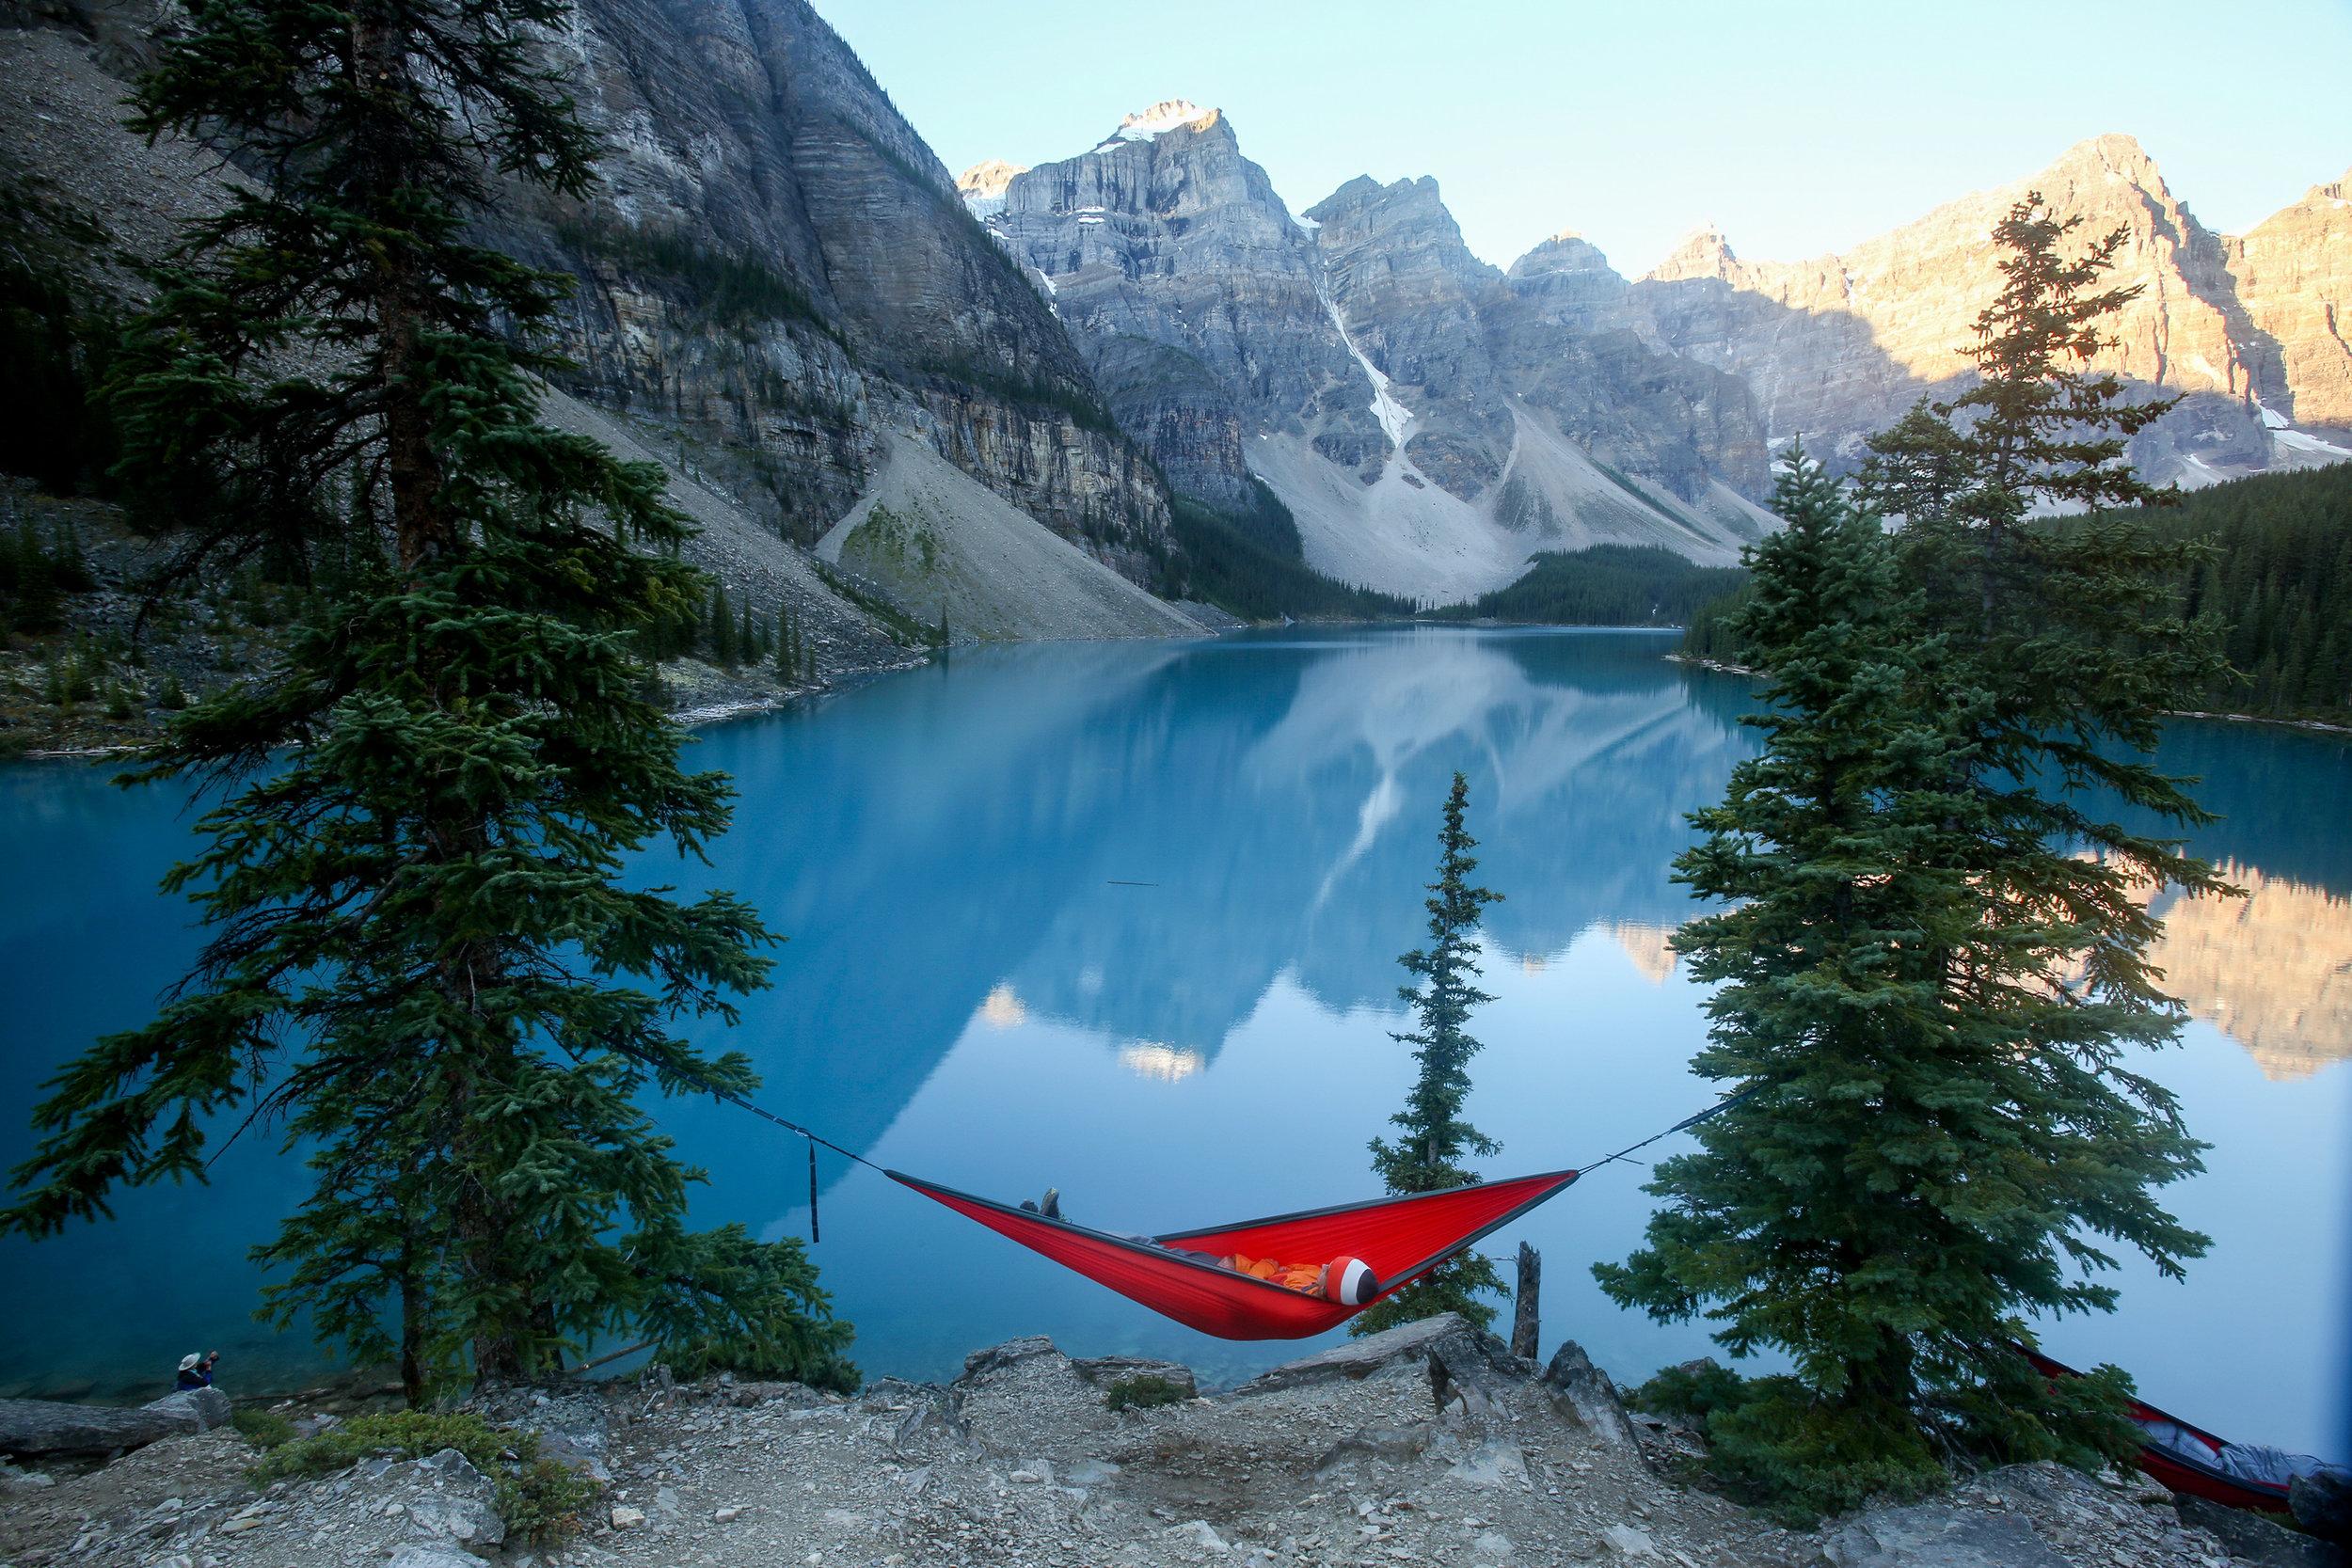 hammock-moraine-lake-banff-national-park.jpg